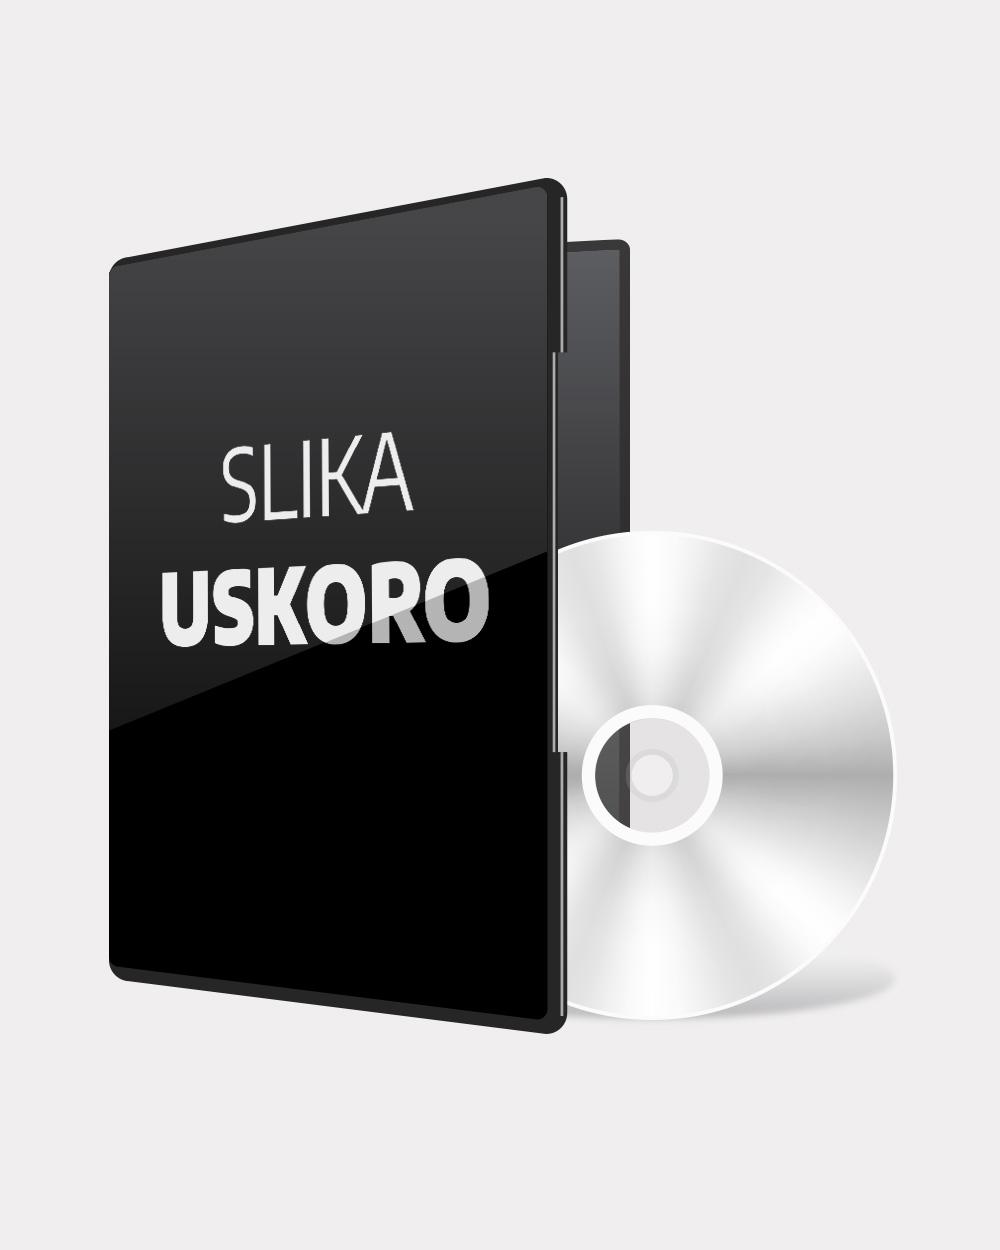 XBOX ONE Far Cry 3 HD